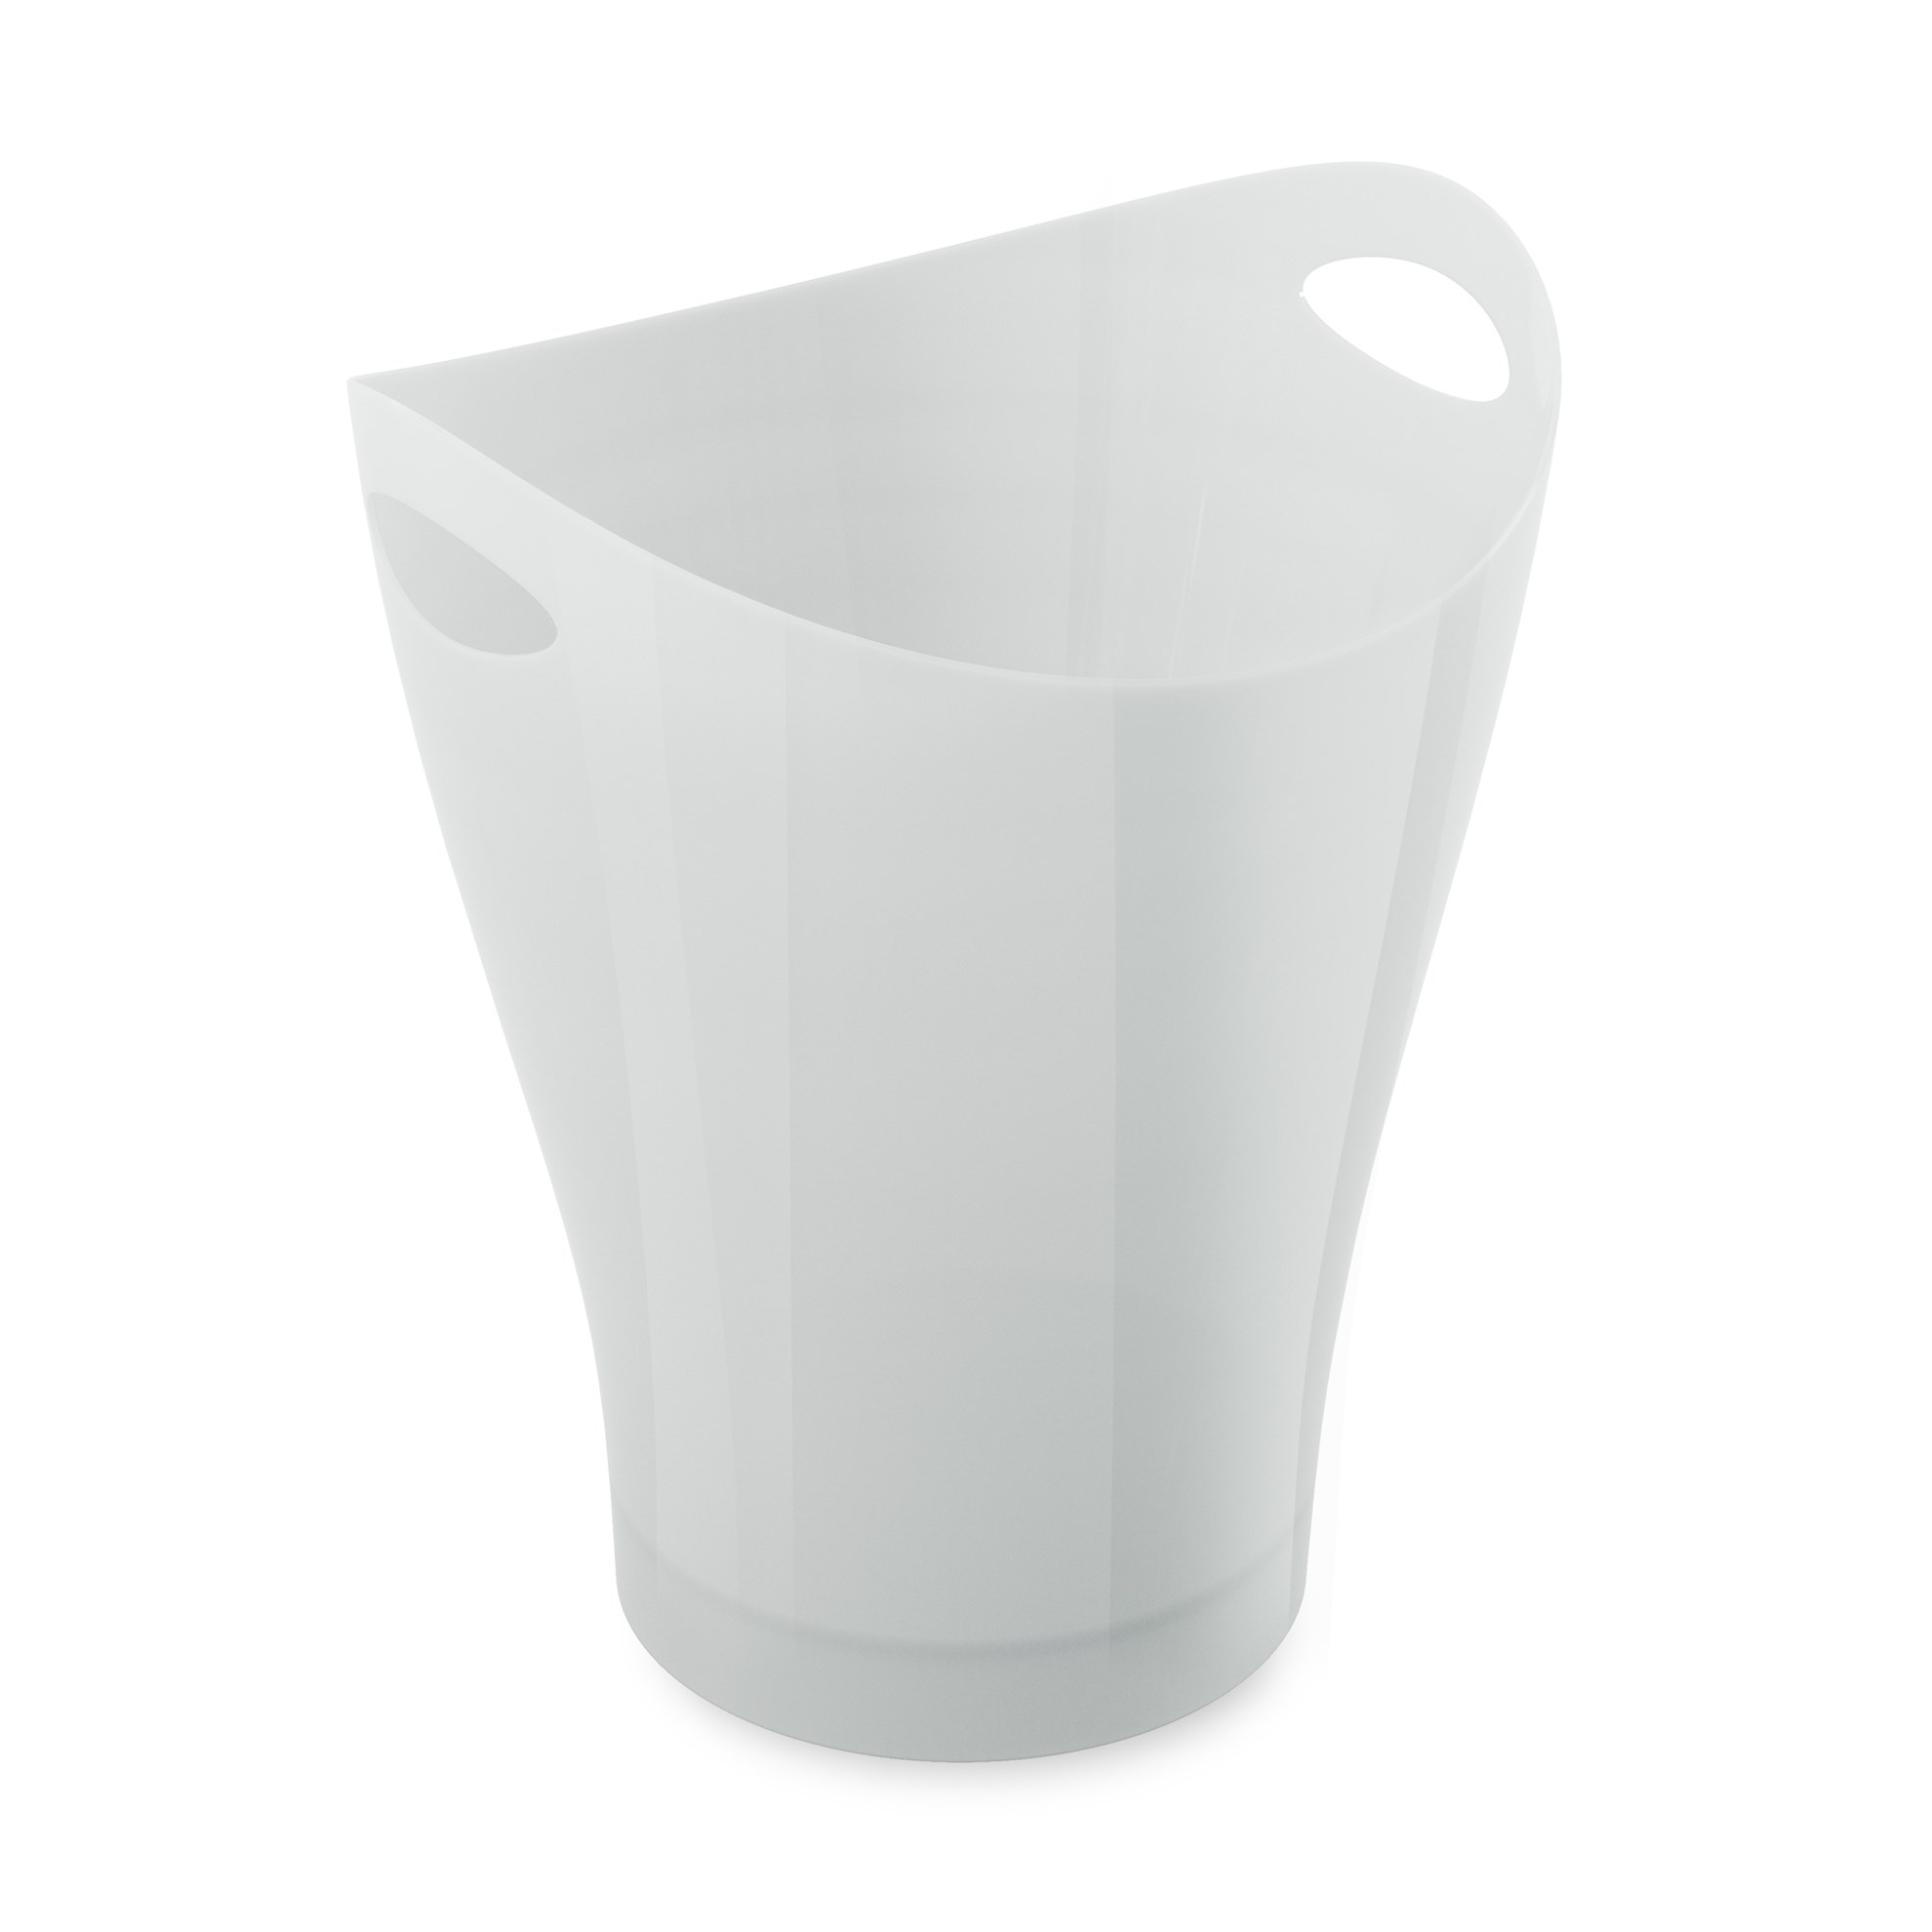 Odpadkový koš GARBINO lesklý/bílý_2